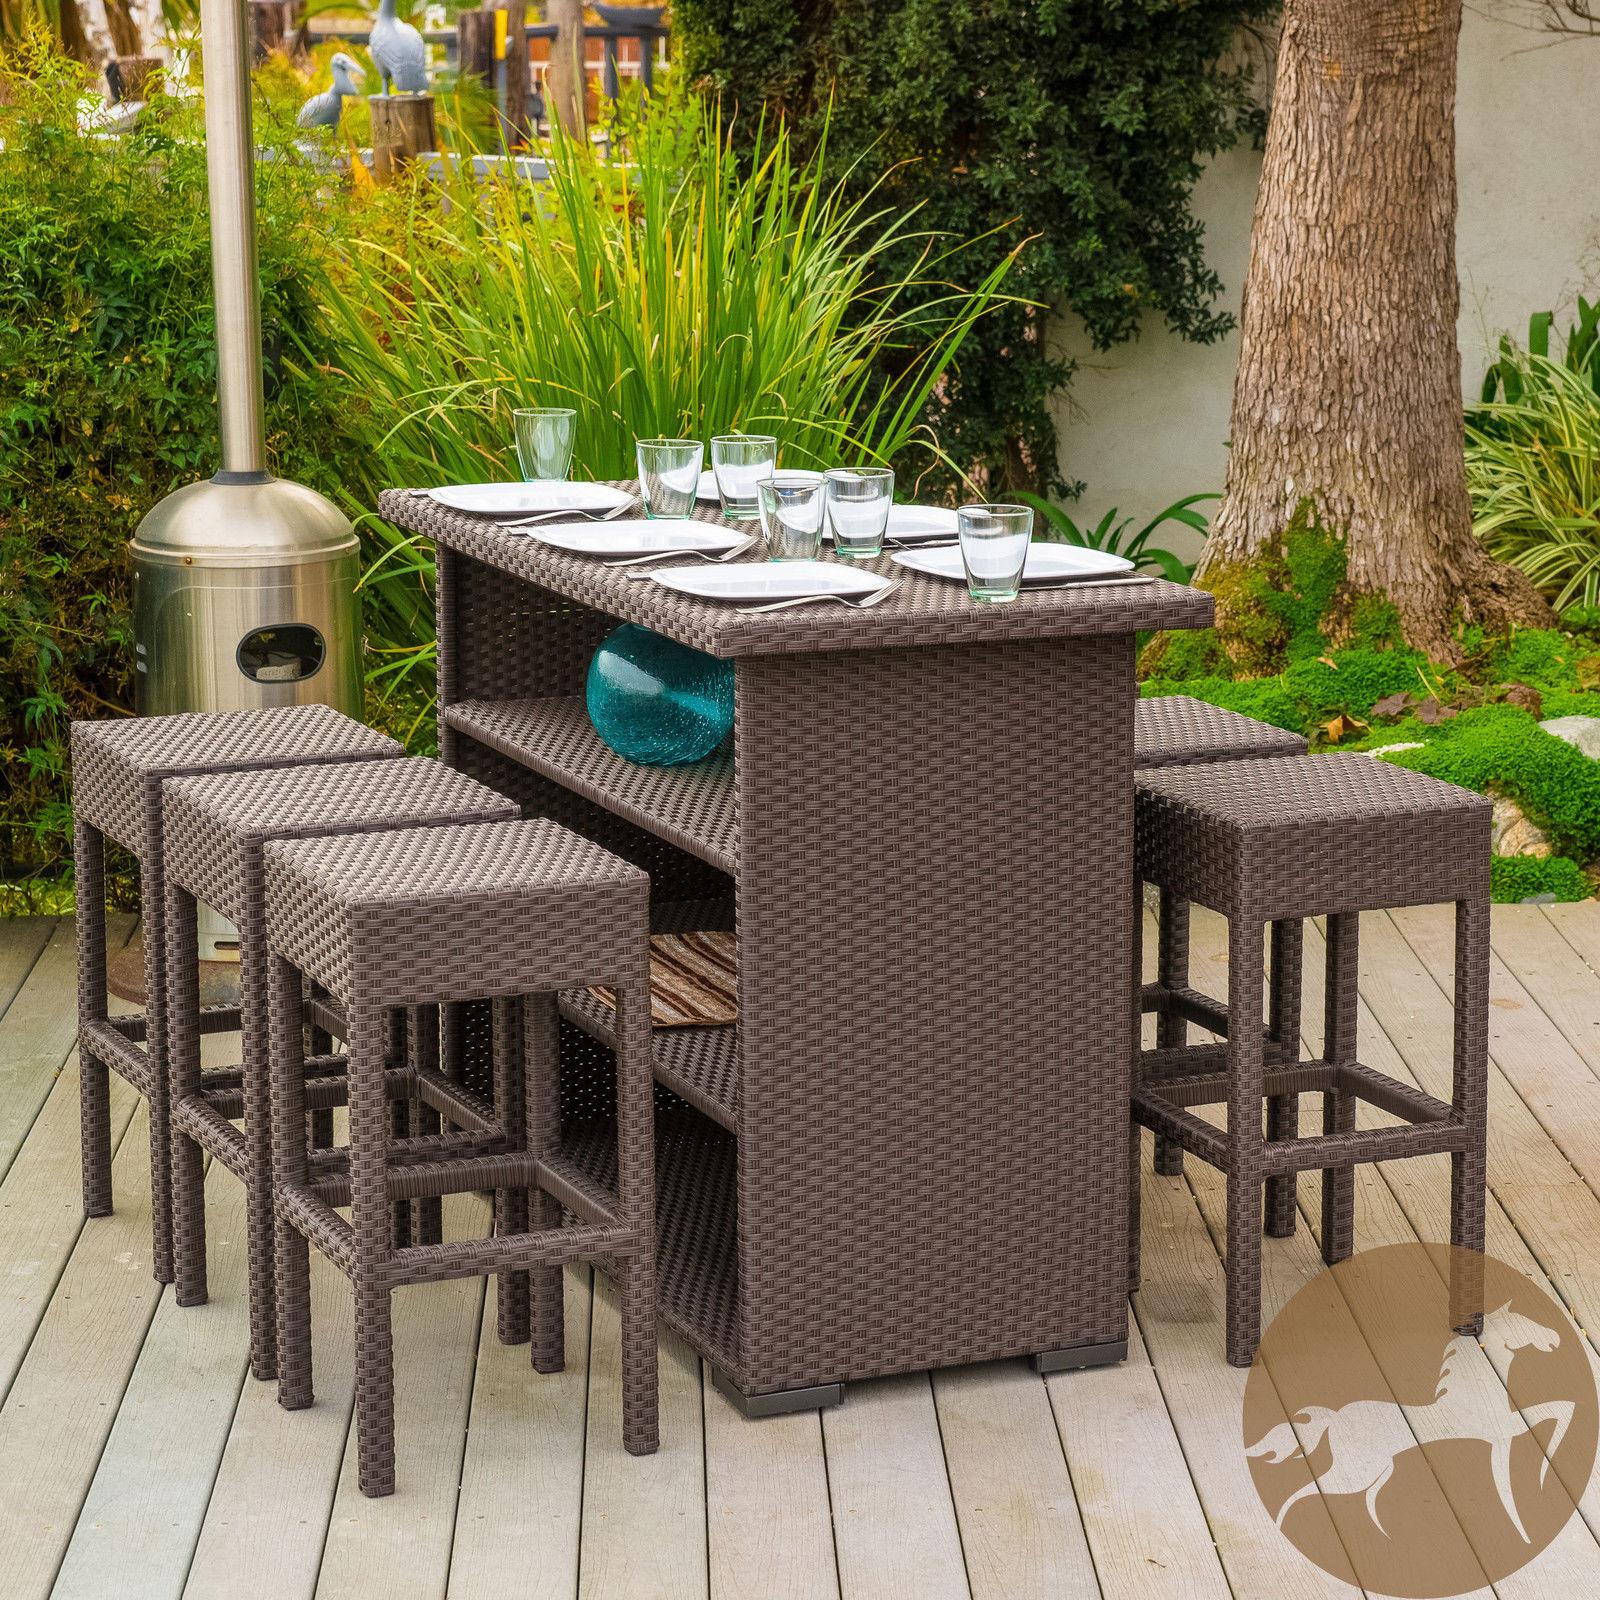 7 piece brown wicker bar patio set w bar stools